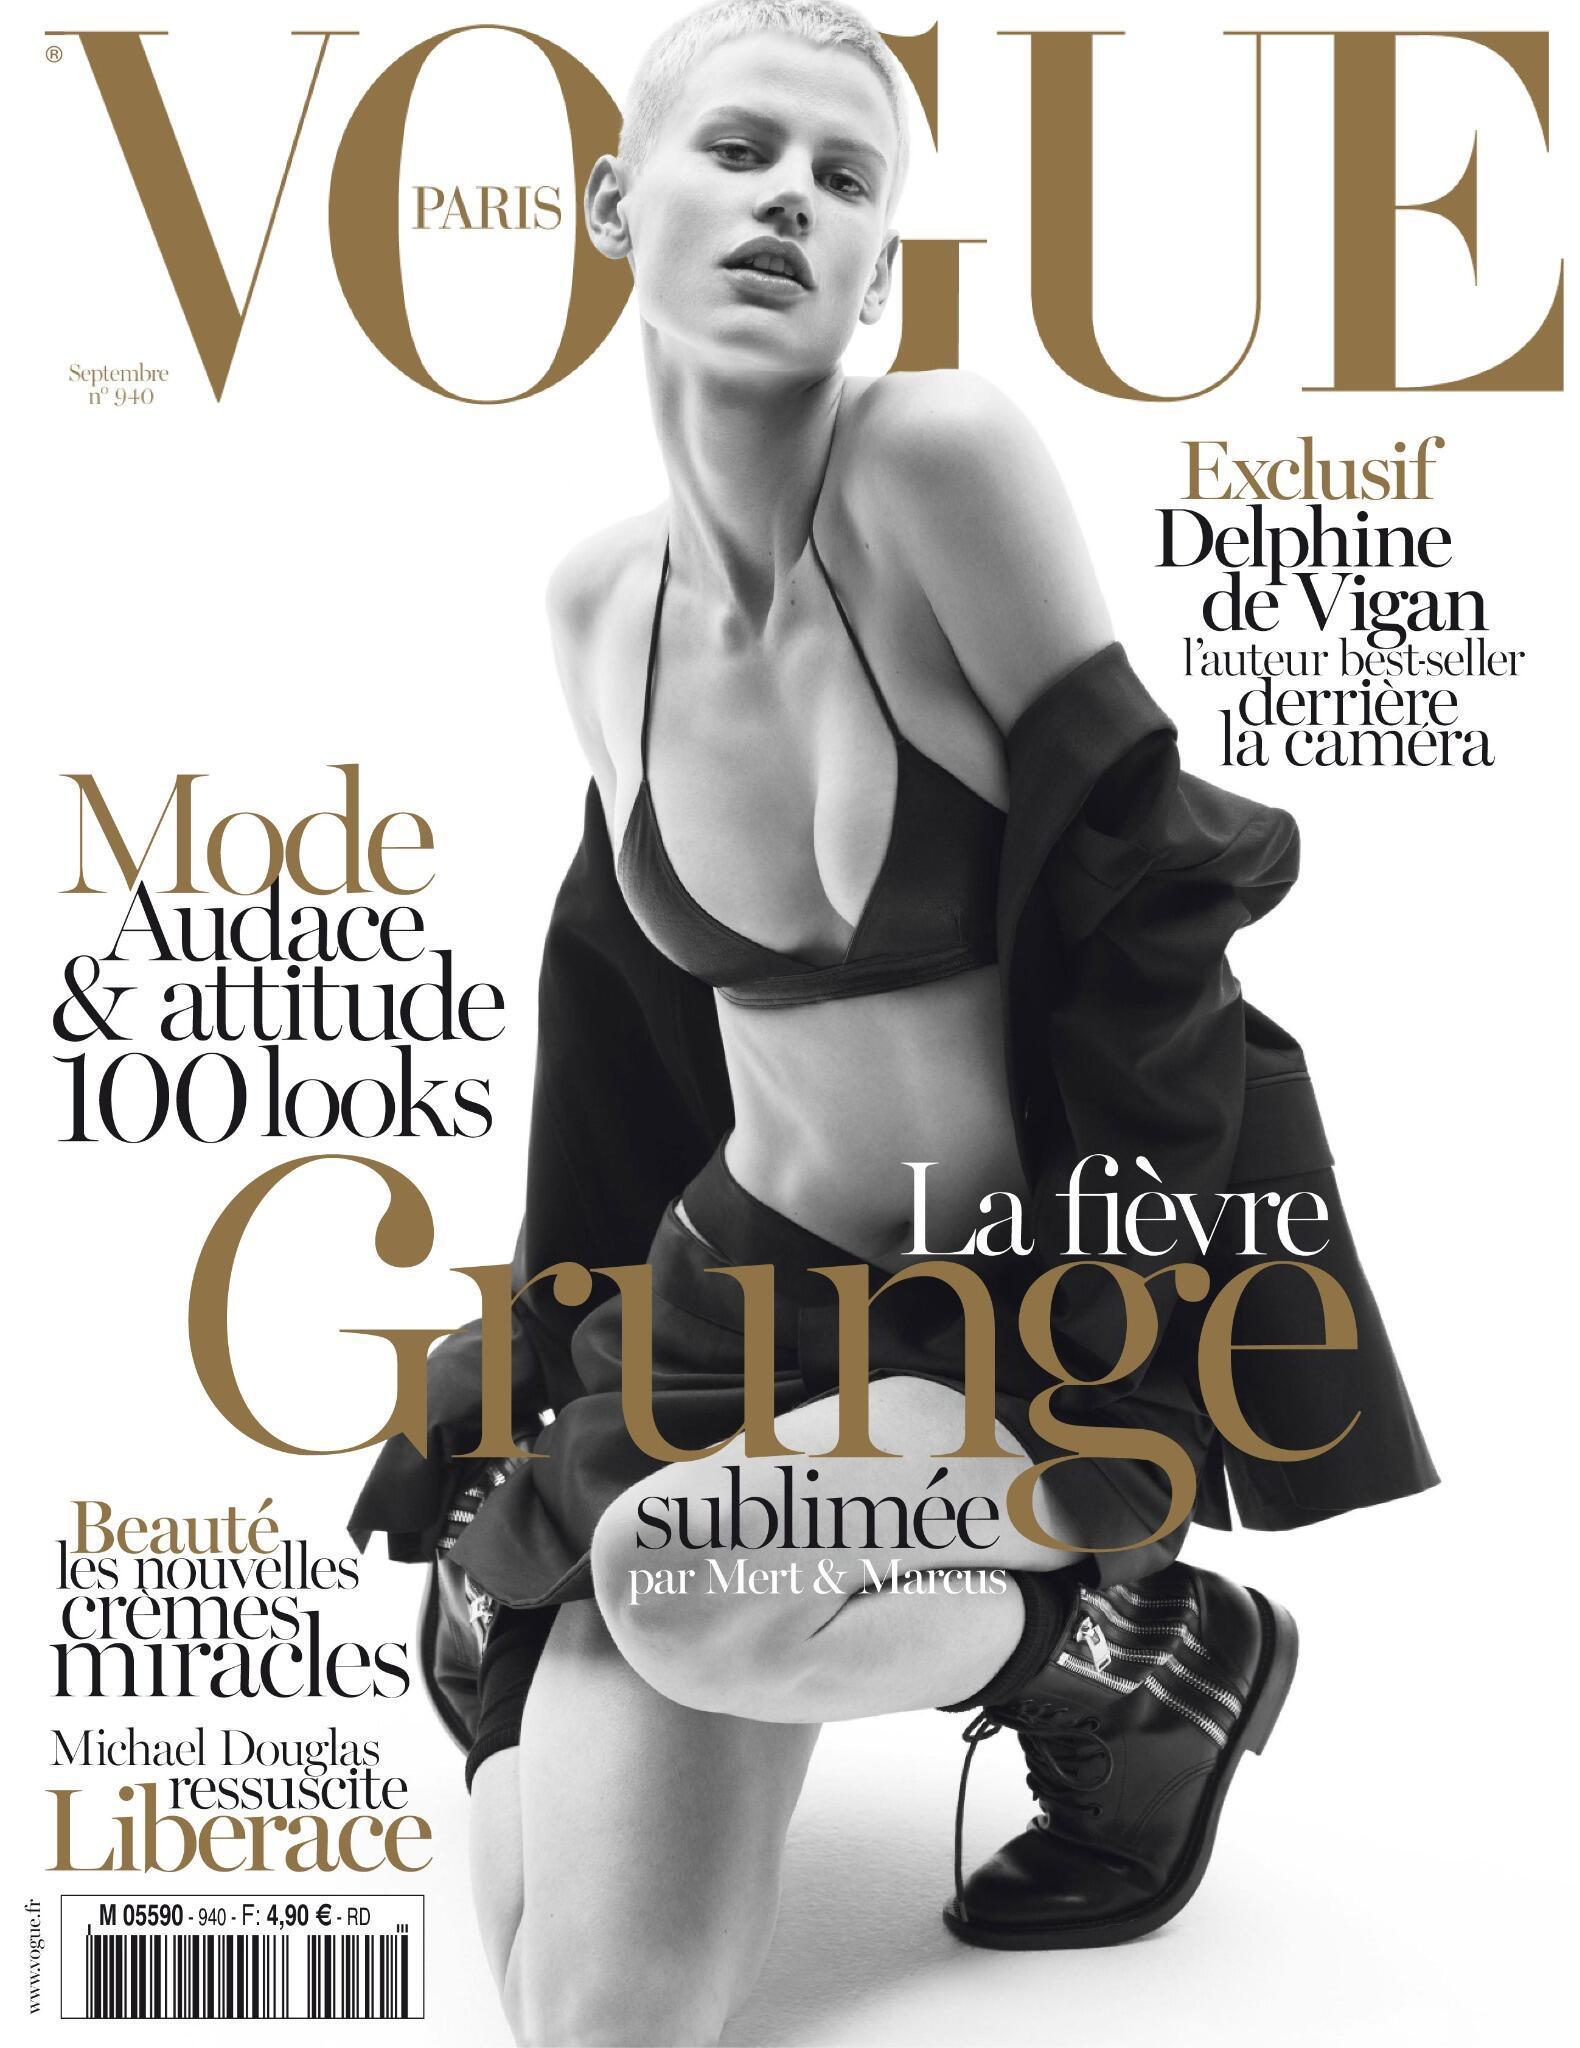 RT @YSL: SASKIA DE BRAUW COVERS THE SEPTEMBER ISSUE OF VOGUE PARIS IN SAINT LAURENT @VogueParis http://t.co/T2zS5tFVMH